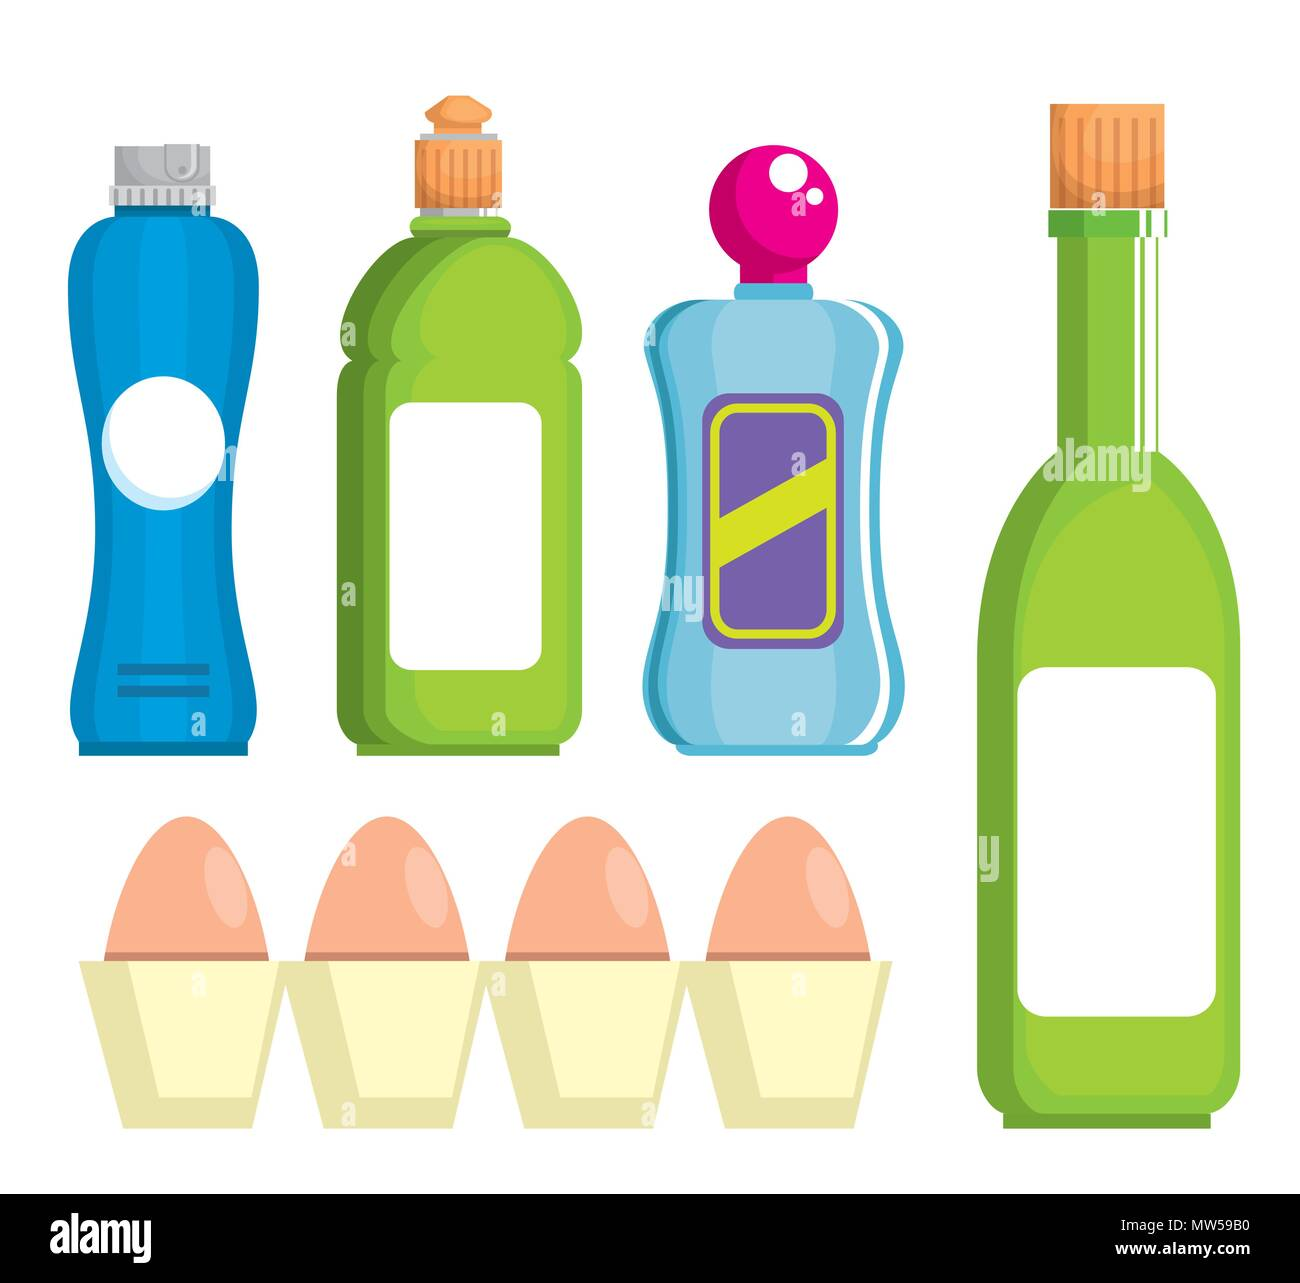 Supermarkt Stellen Produkte Mit Angebot Vektor Abbildung Bild